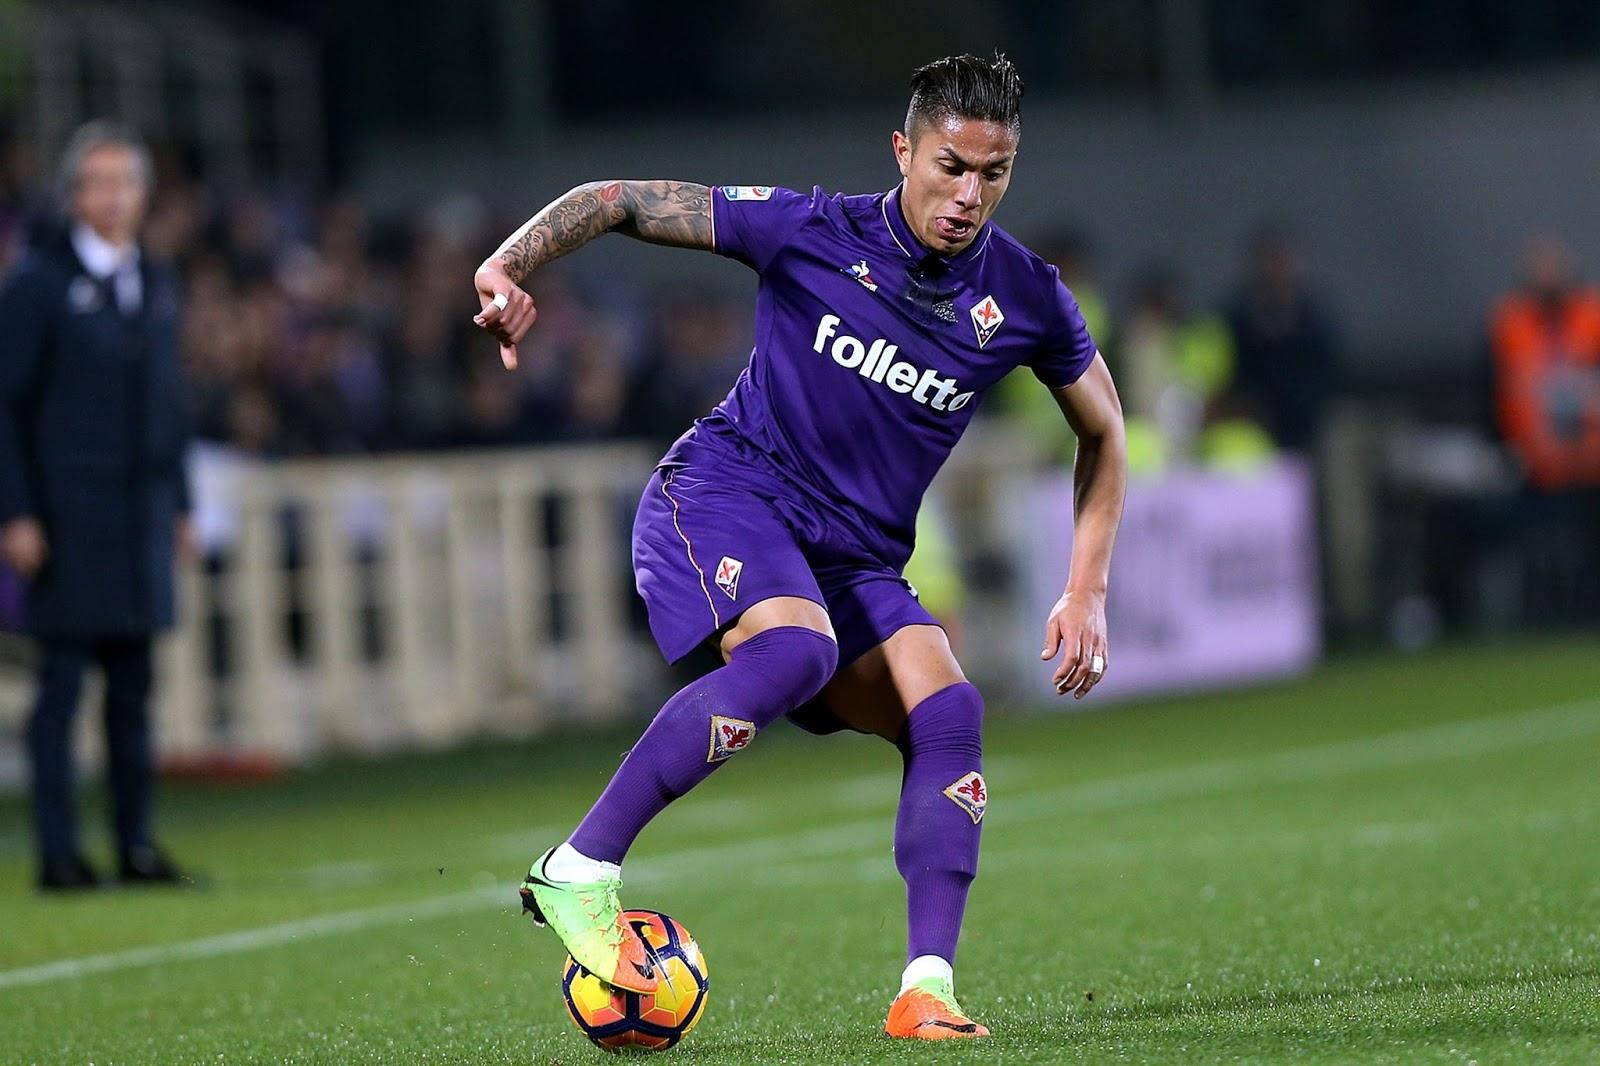 Salcedo compitió por un lugar estelar en la Fiorentina, pero futbolísticamente no le alcanzó.